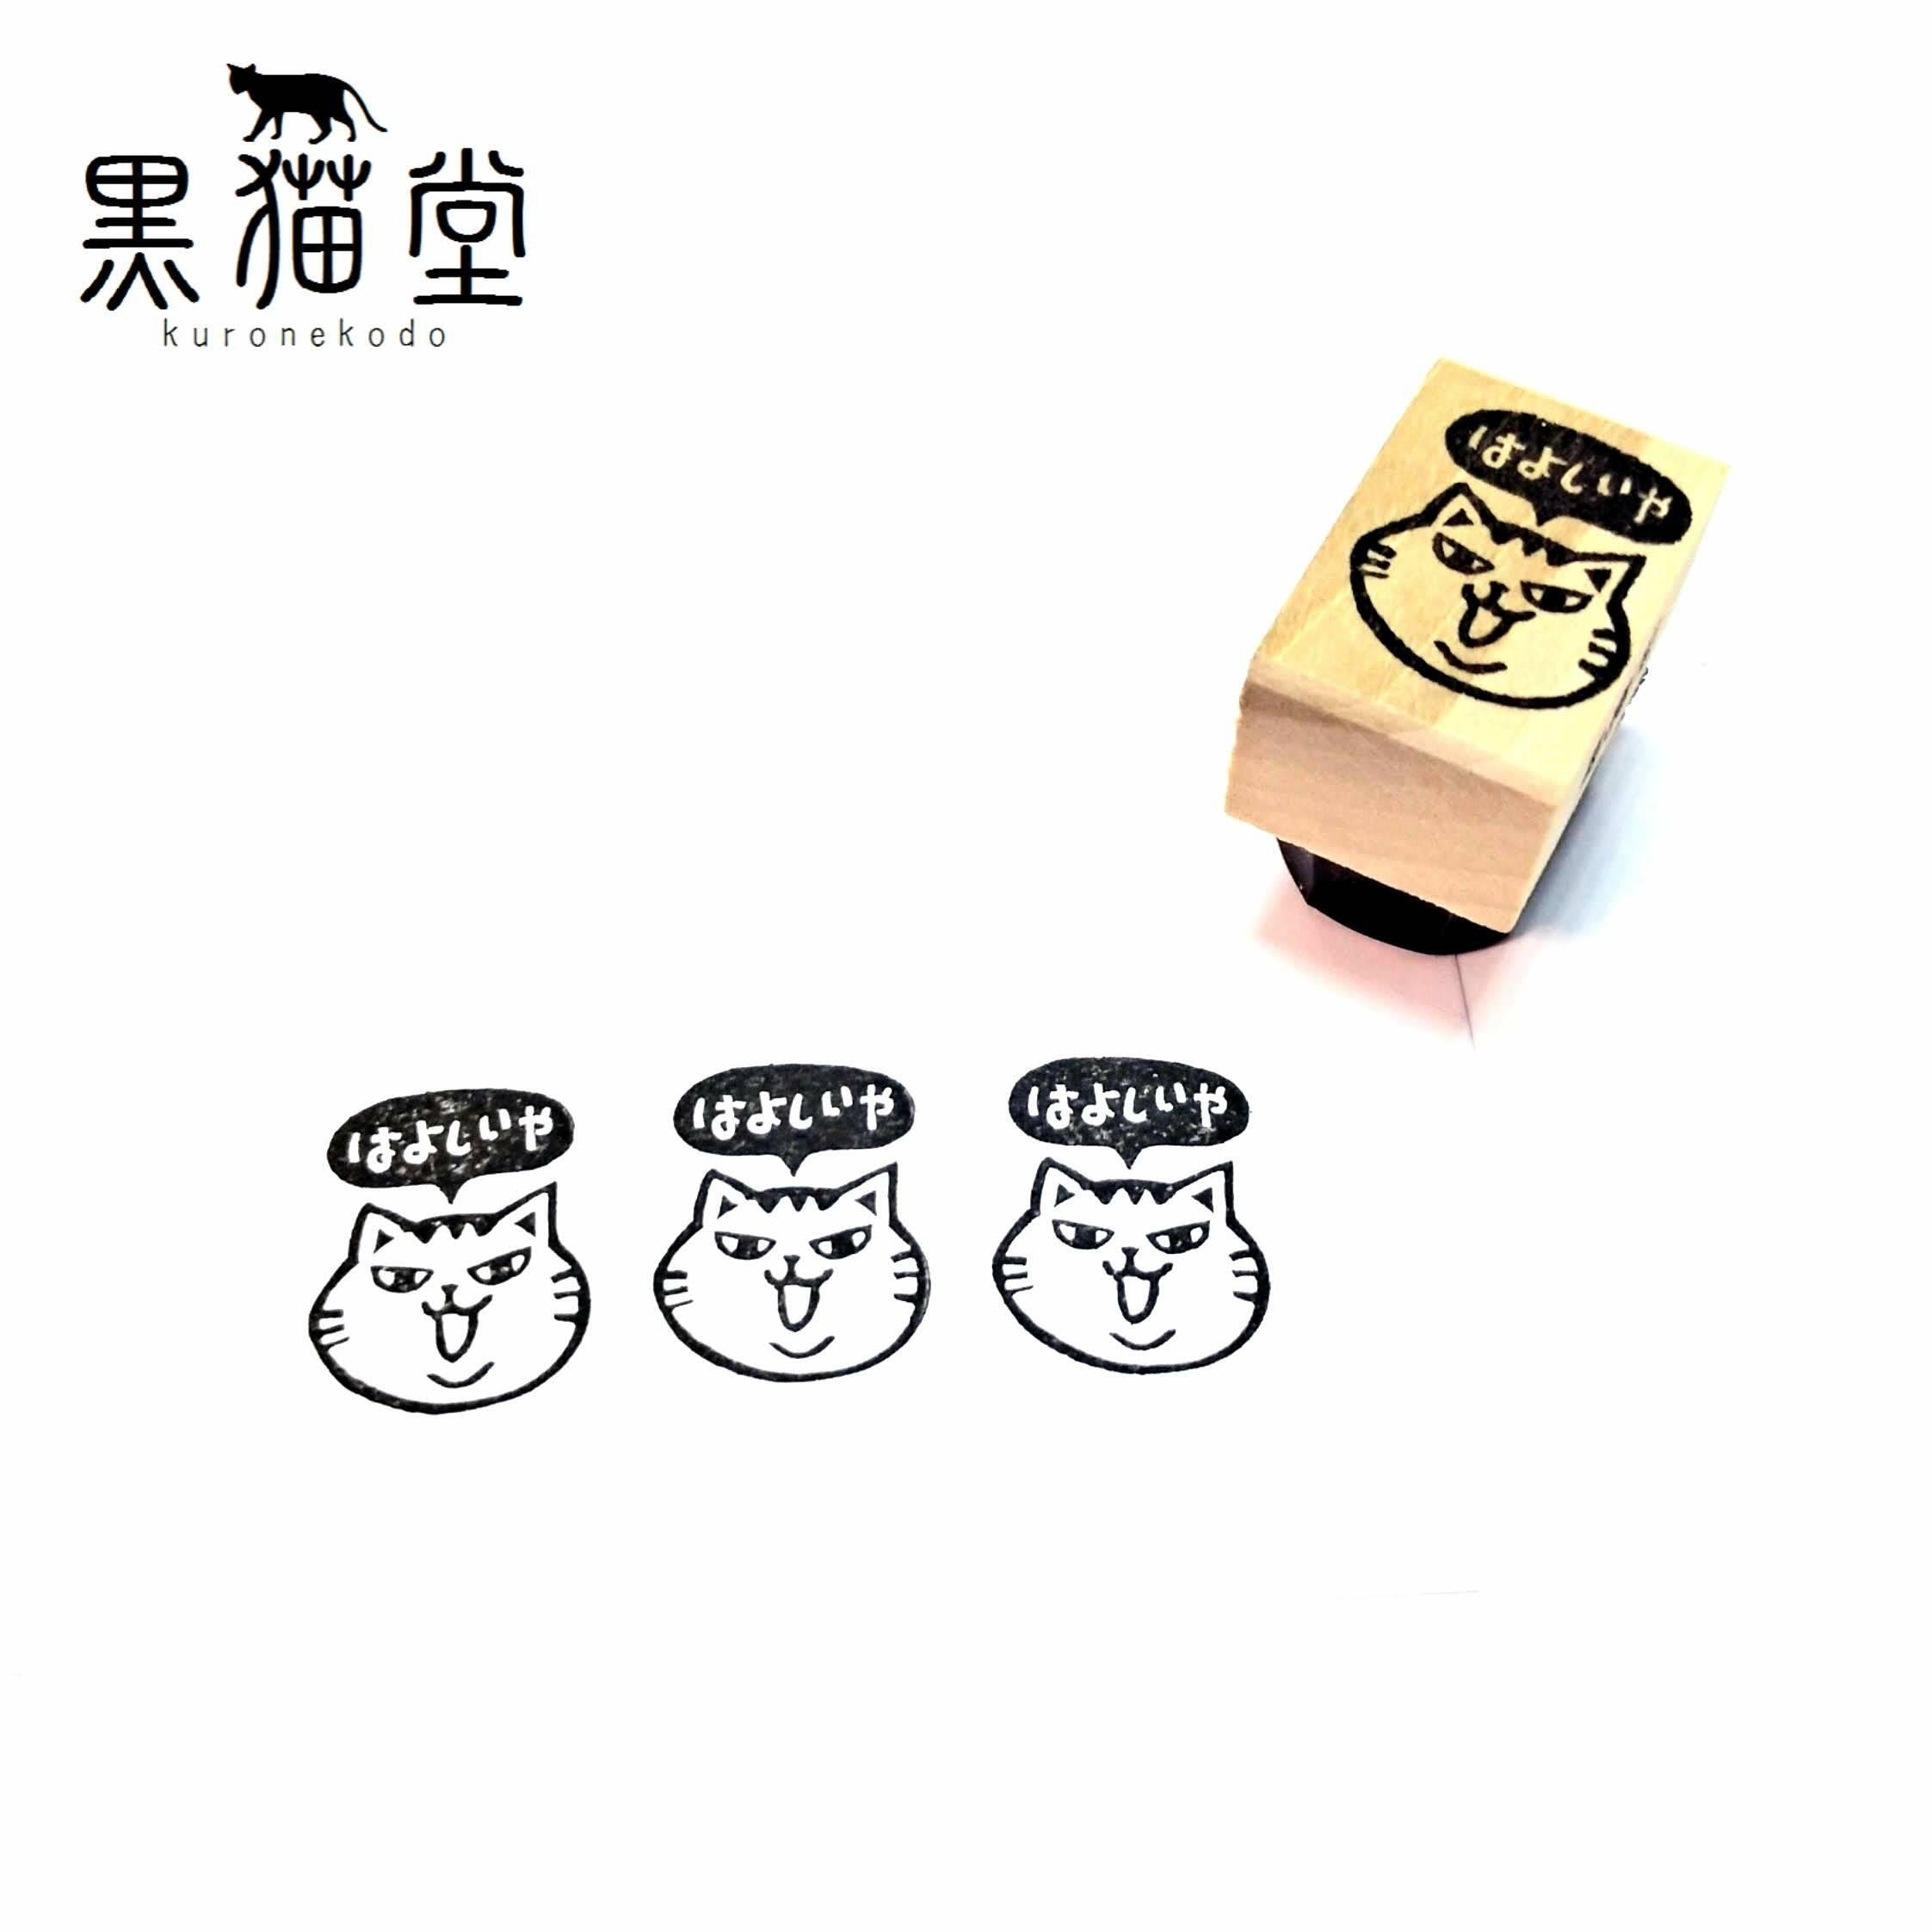 関西弁ネコ「はよしいや」